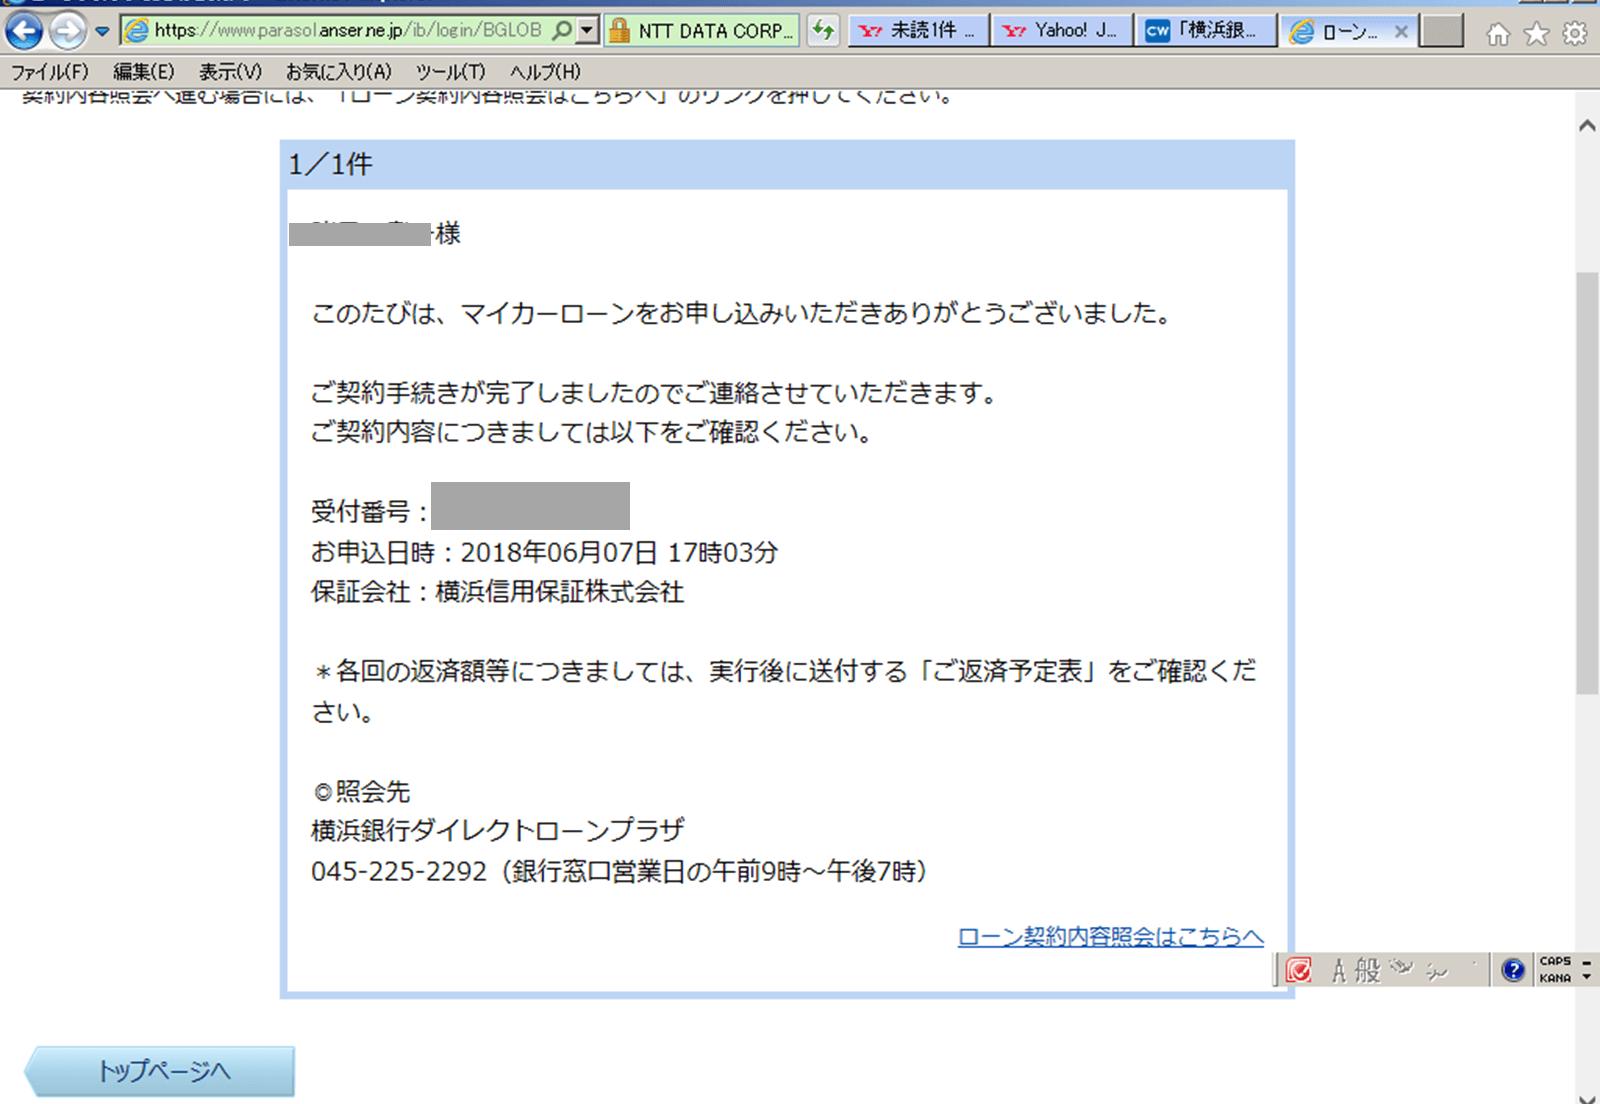 横浜銀行ユーザーAさんの「契約を証明できる画像」